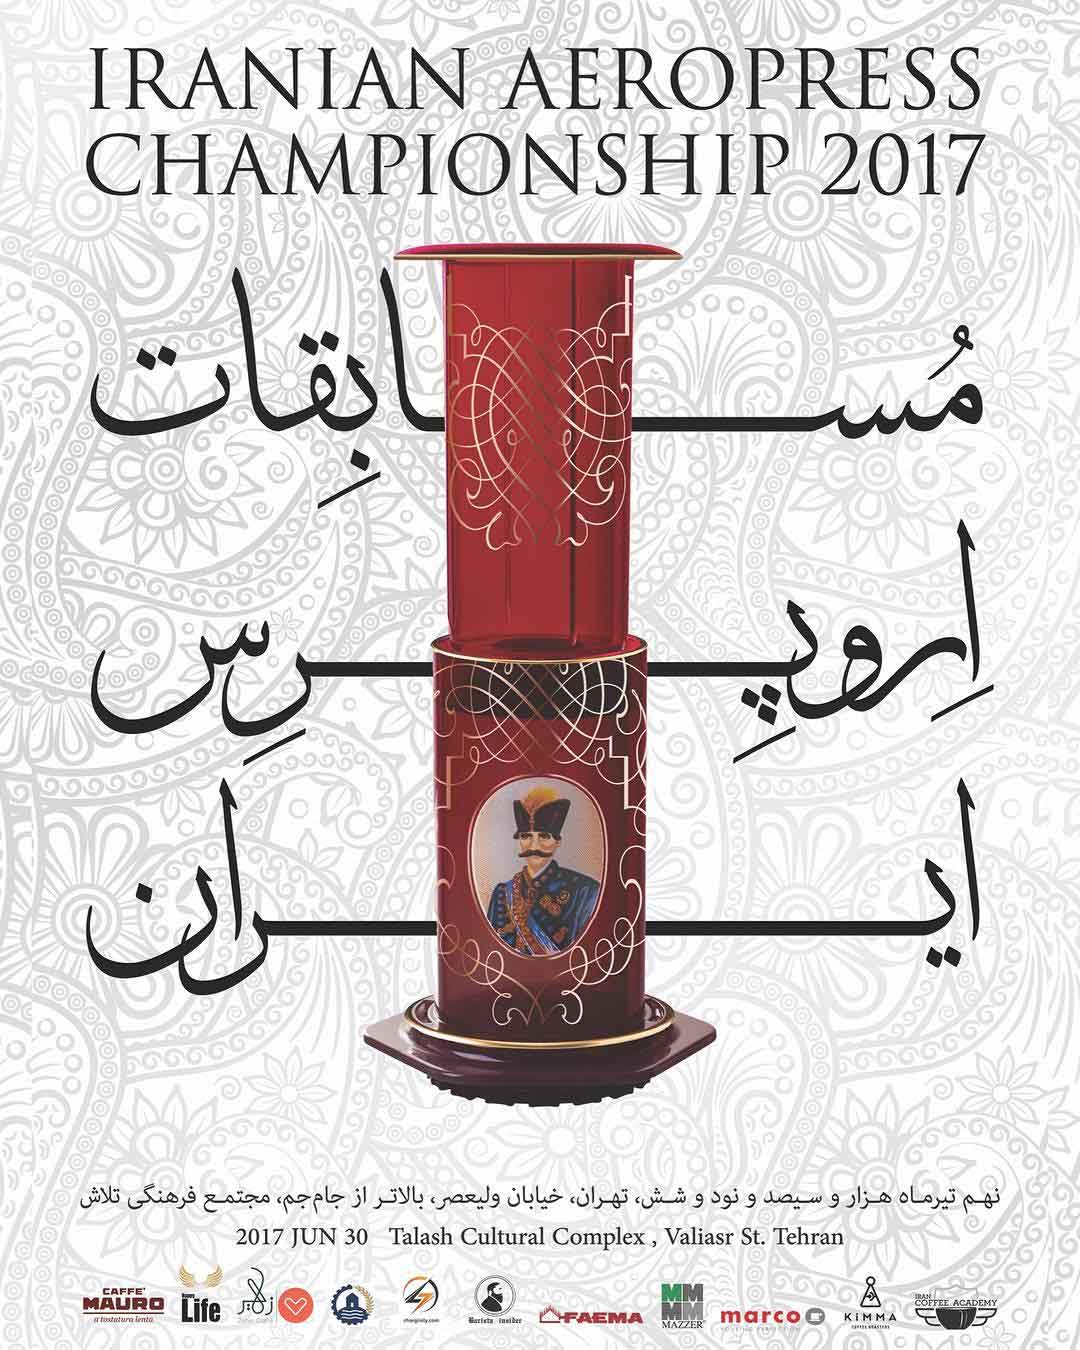 پوستر مسابقات ملی اروپرس ایران